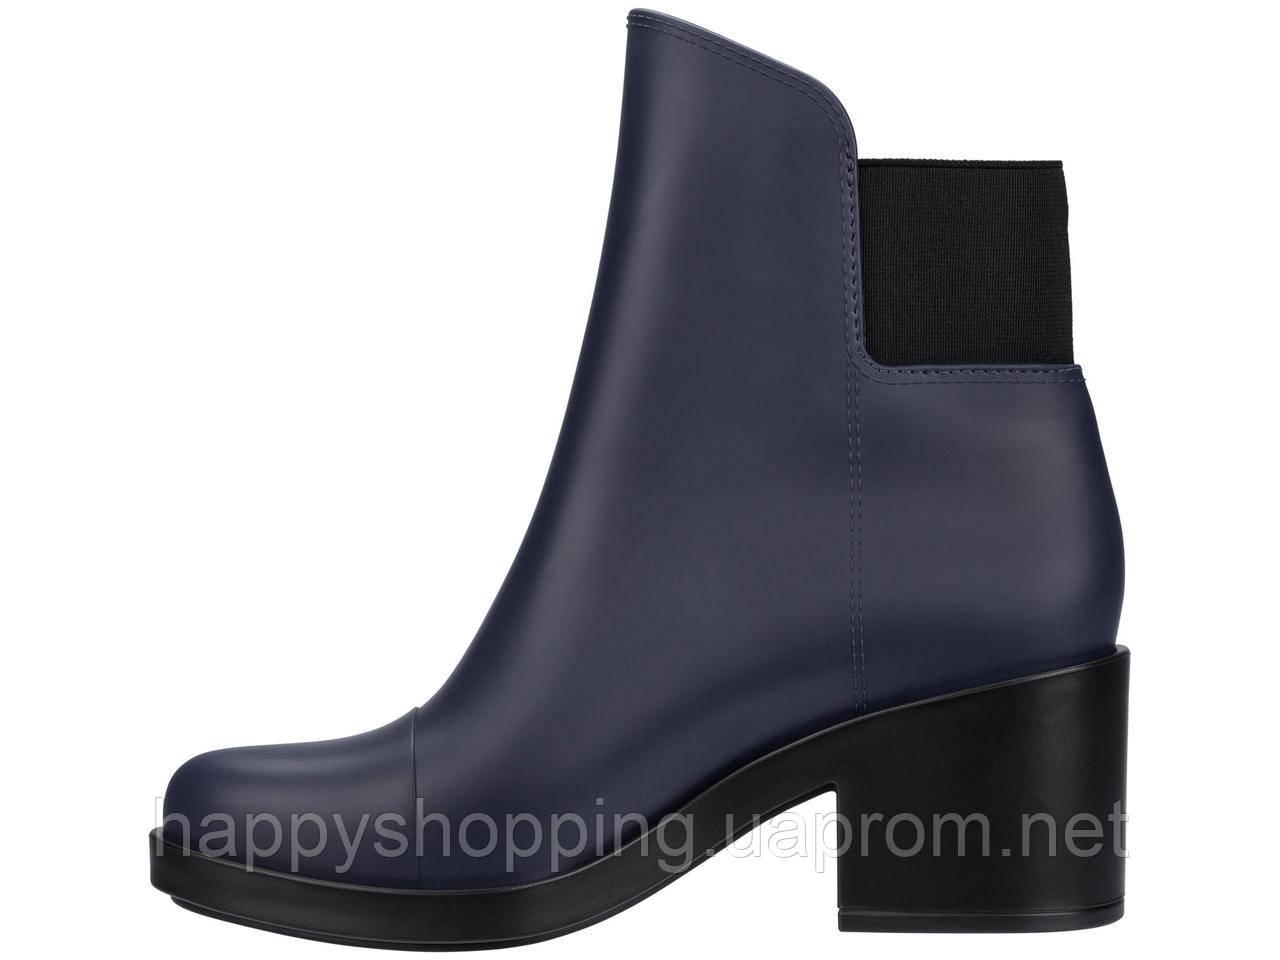 Женские пахнущие темно-синие ботинки на каблуке популярного бразильского бренда  Melissa